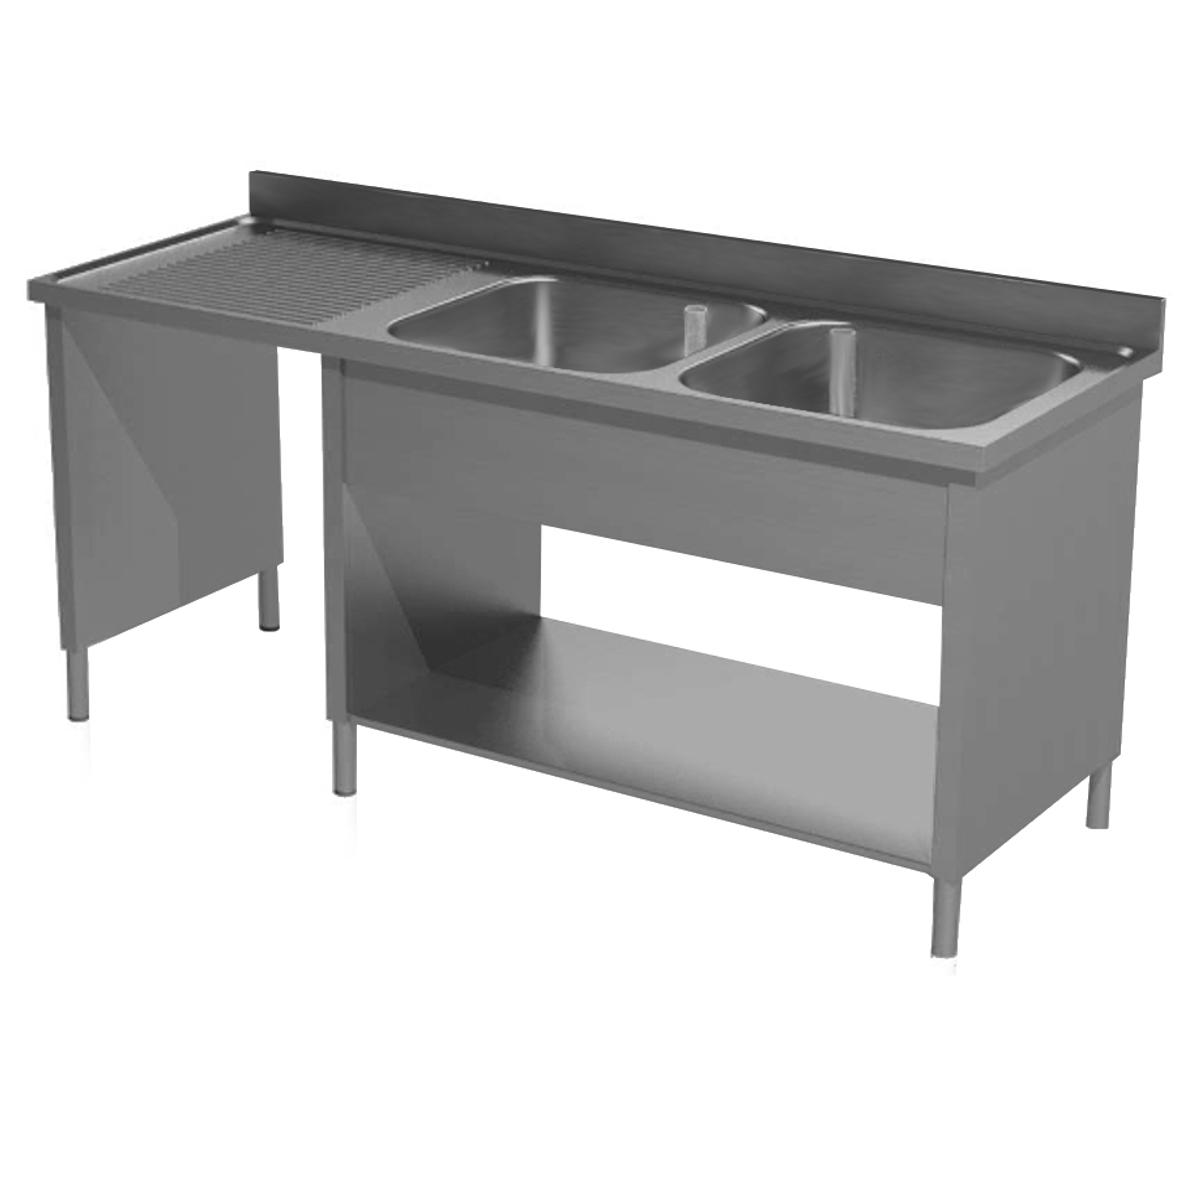 Lavatoio su fianchi acciaio inox due vasche con vano pattumiera sx